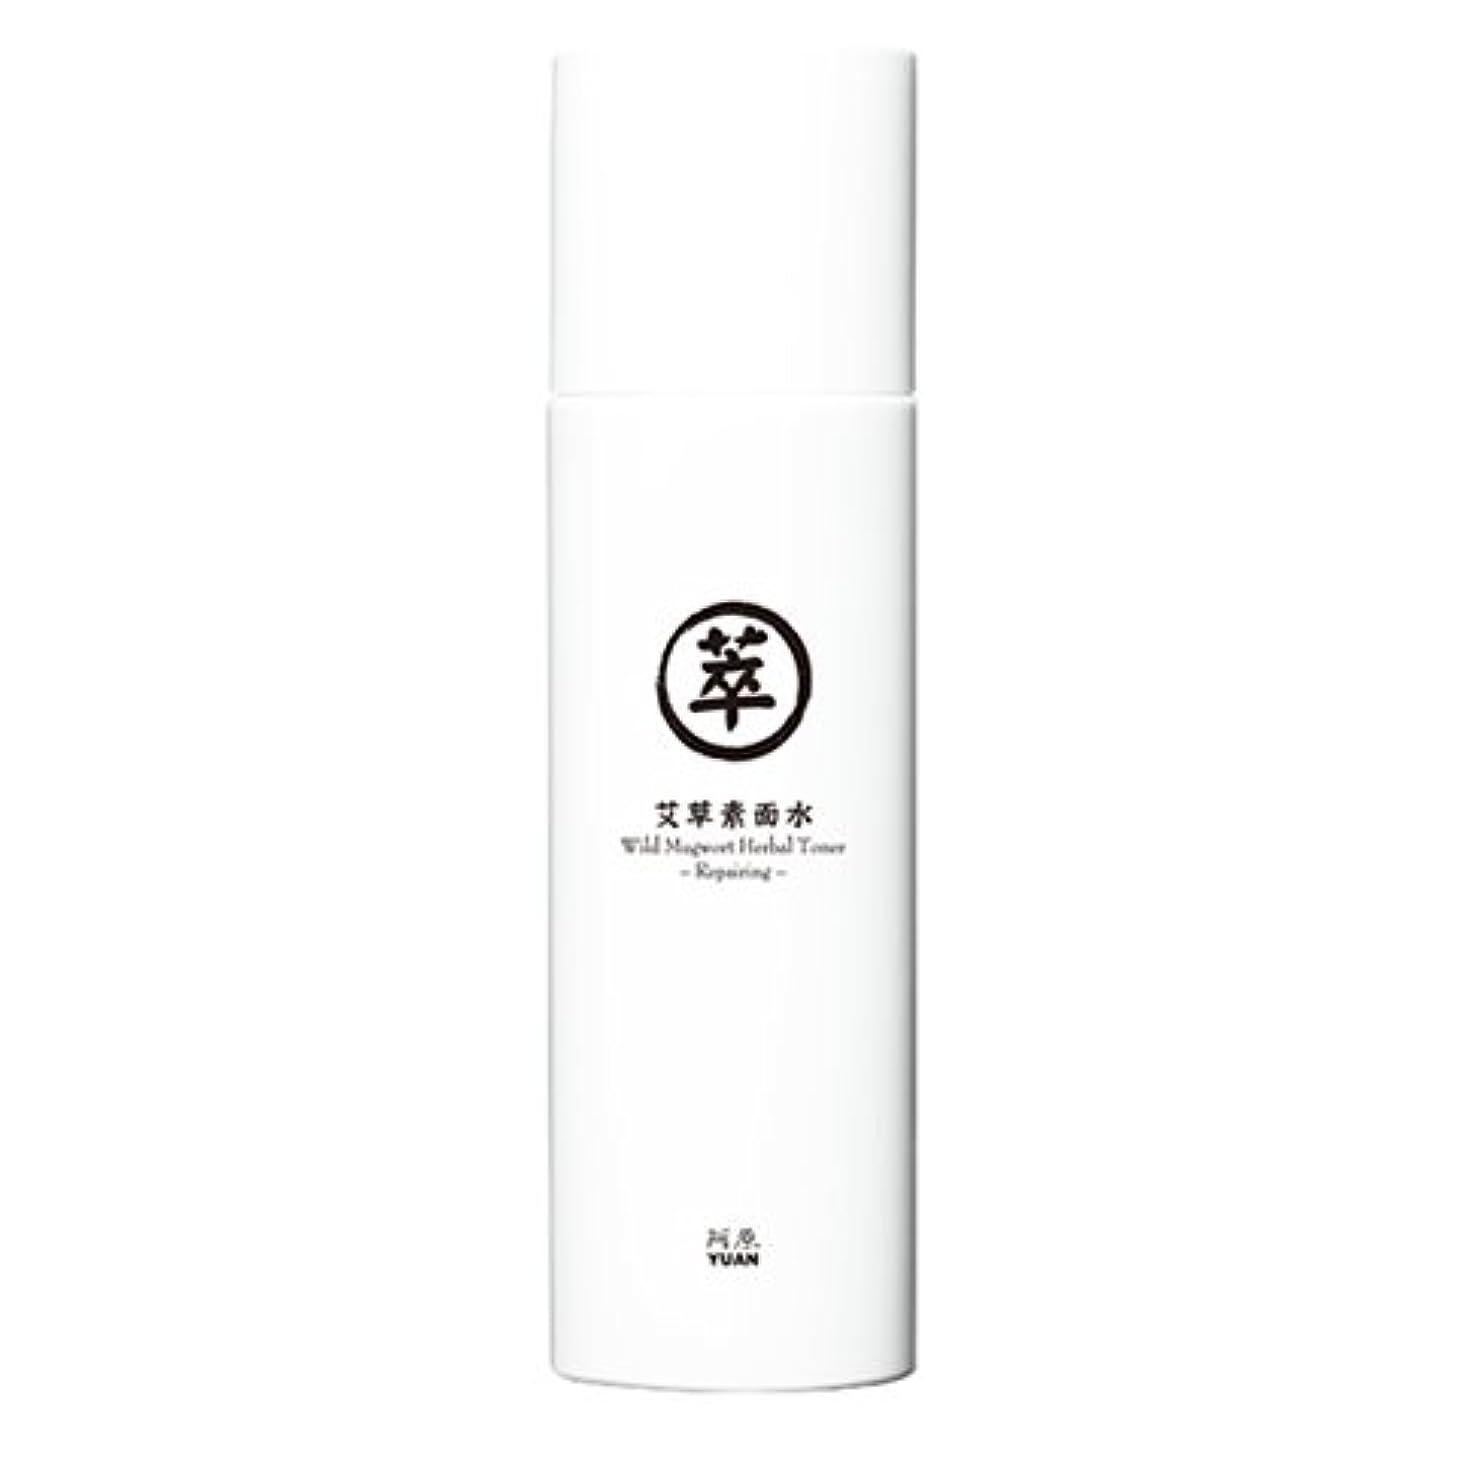 顧問宴会プロポーショナルユアン(YUAN)ヨモギ化粧水 150ml(阿原 ユアンソープ 台湾コスメ)